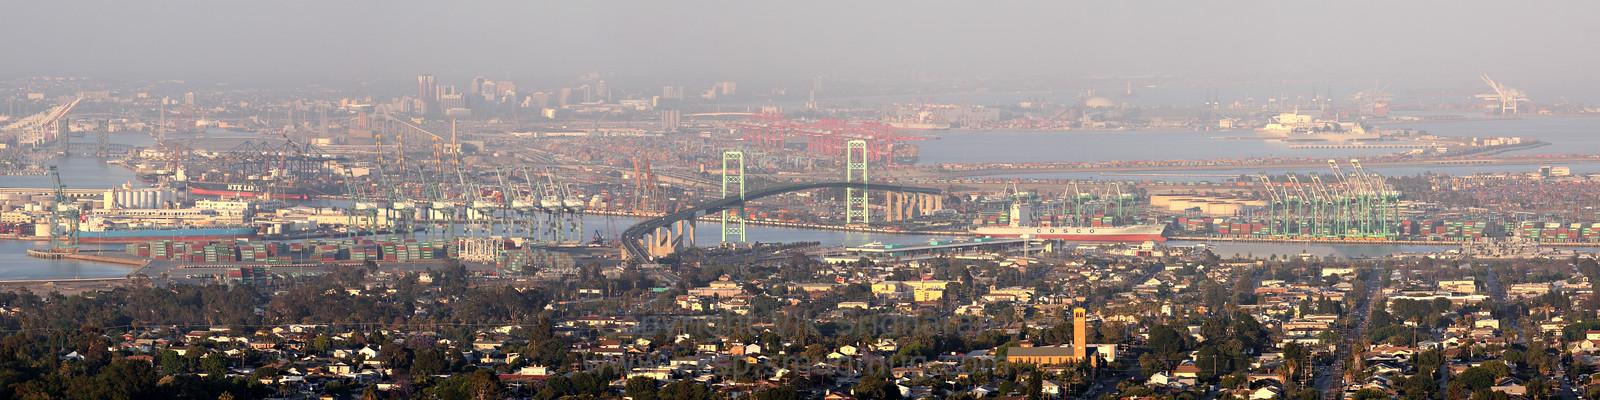 http://www.vksphoto.com/CitiesBuildingsetc/Panoramas/i-Mz4MVvG/0/X3/composite4%206-14-13-X3.jpg